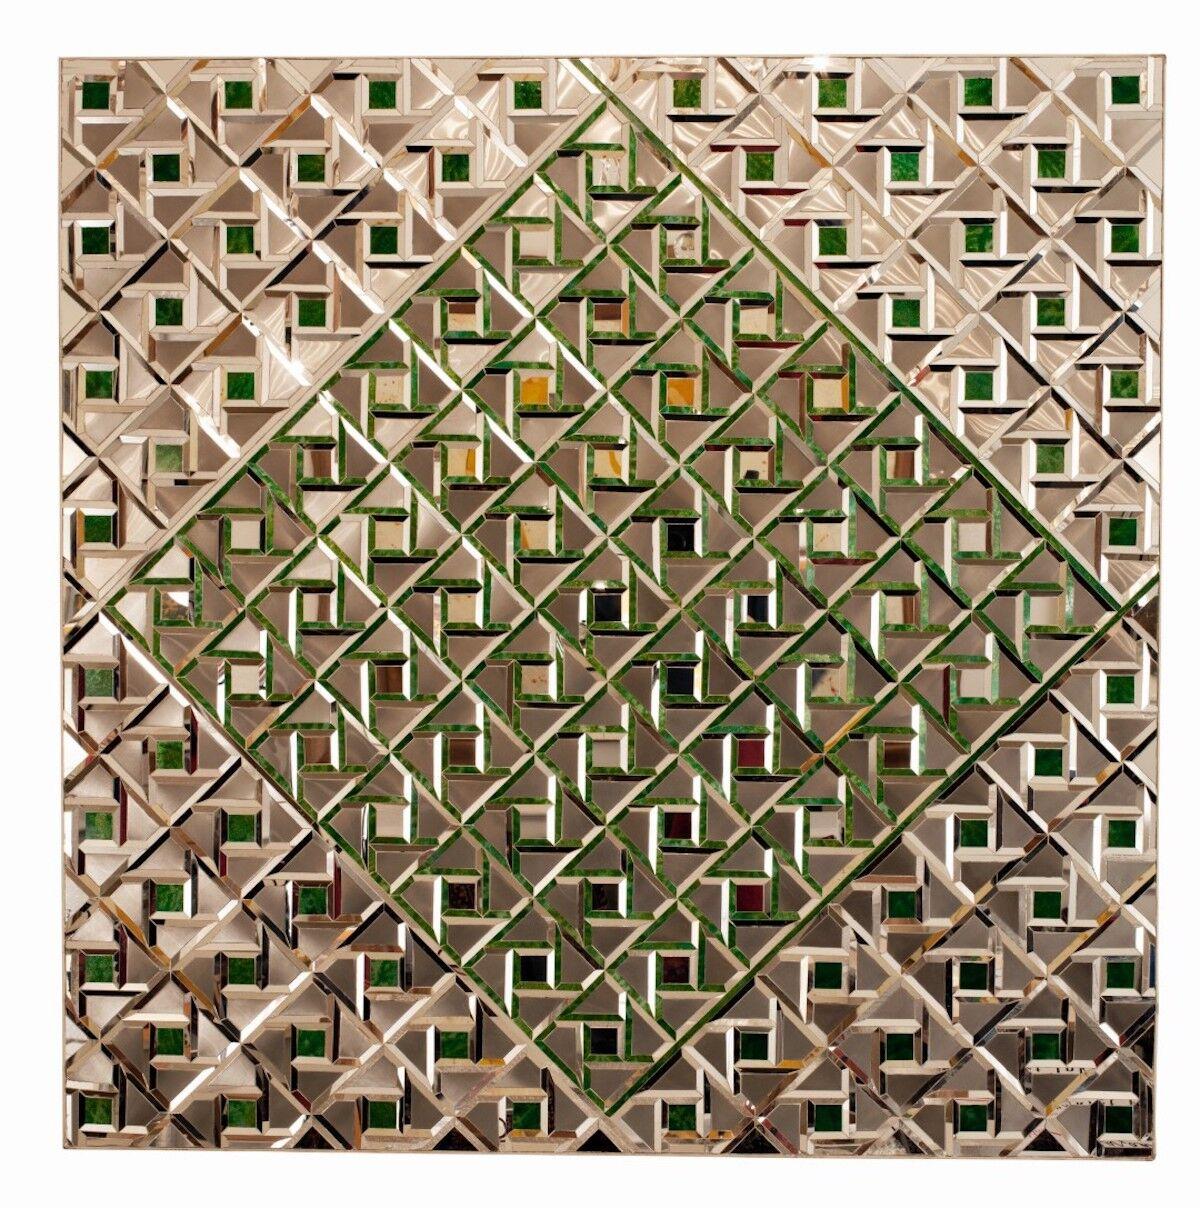 Monir Farmanfarmaian, Geometry of Hope, 1975. Sold for £375,000 ($462,000). Courtesy Sotheby's.